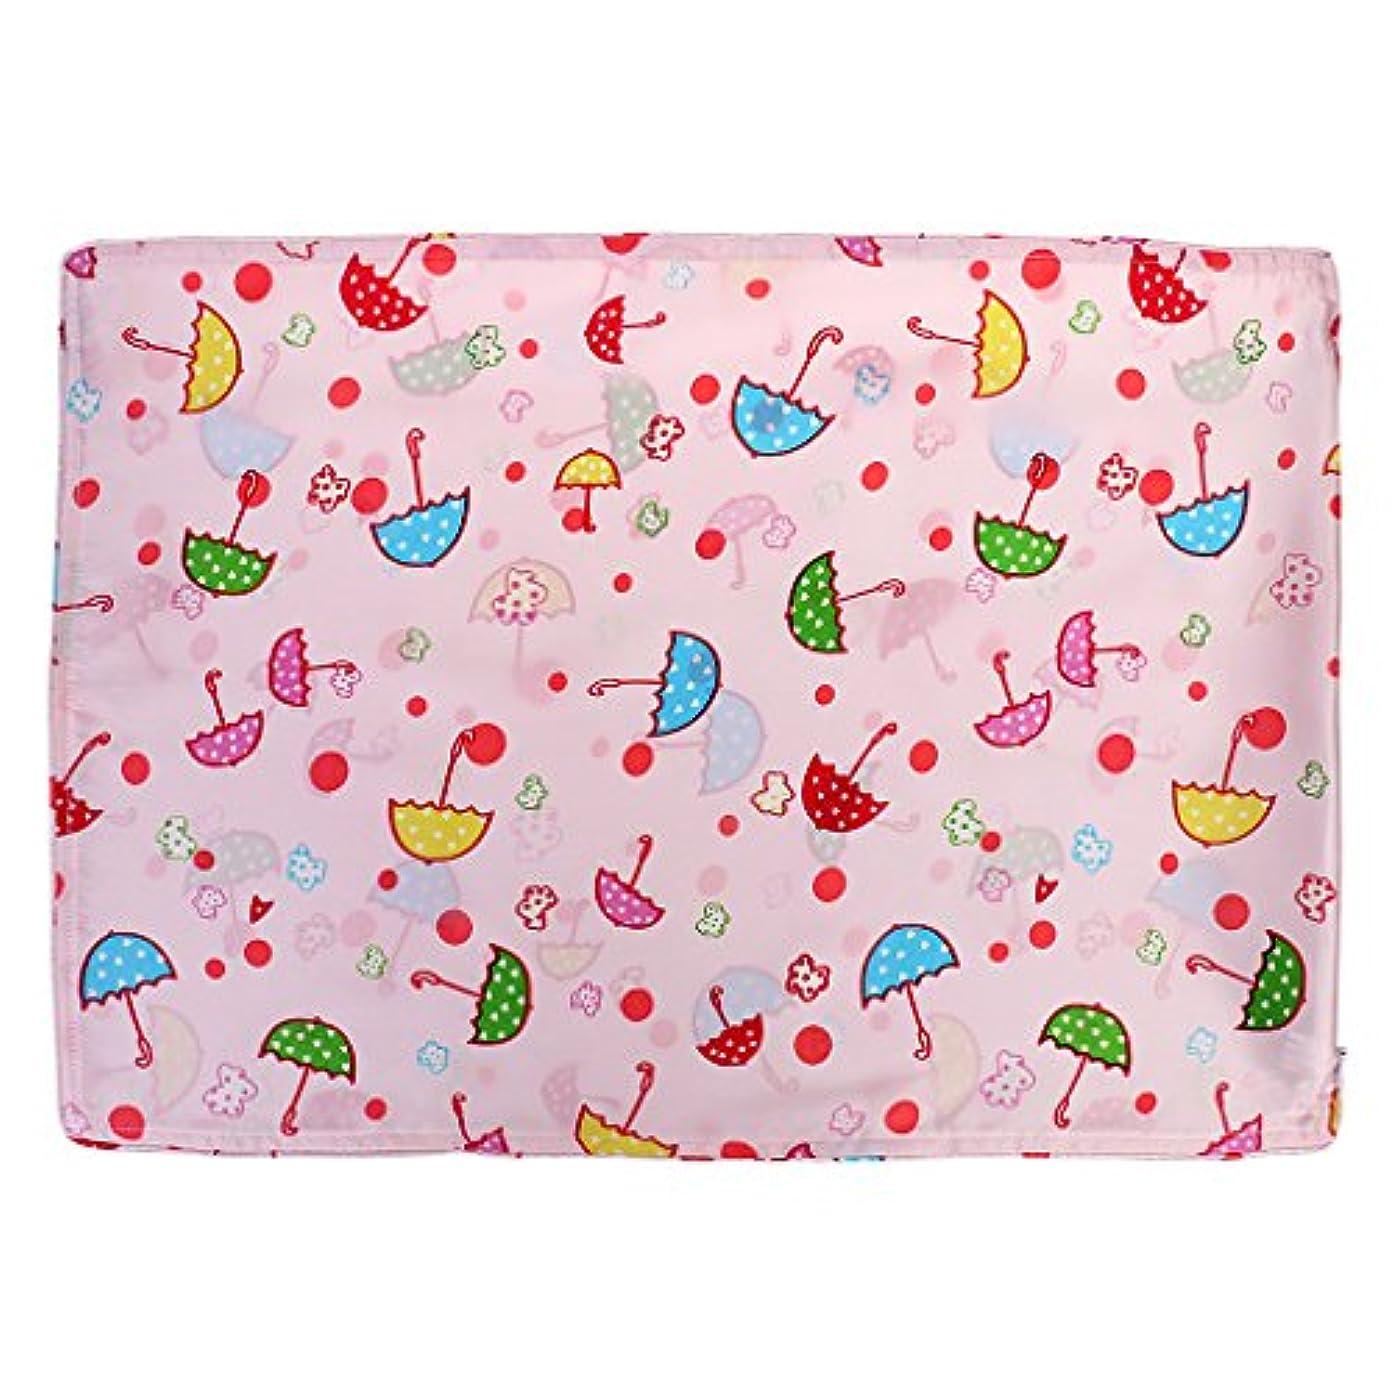 チャンスコミュニティスカーフかわいいベビーキッズ100%シルクサテン両面枕カバー30 * 50センチメートル傘ピンク